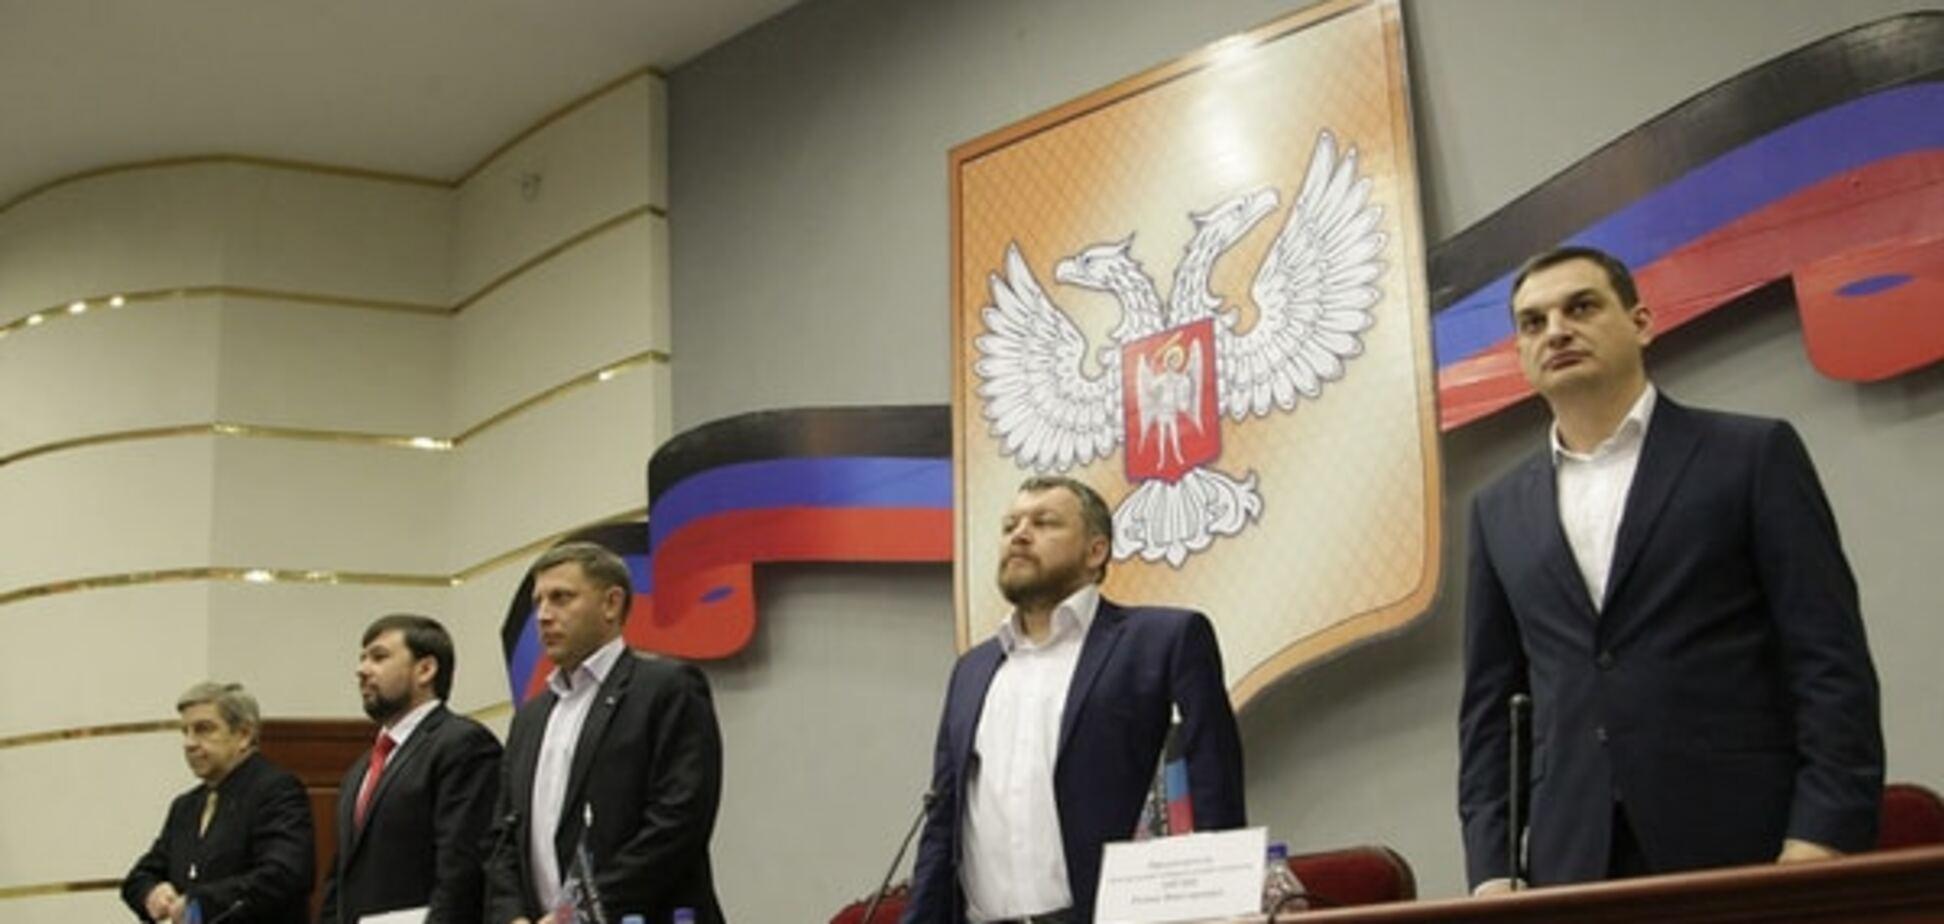 Пургина похитили российские спецслужбы, чтобы сдать 'ДНР' - The Times